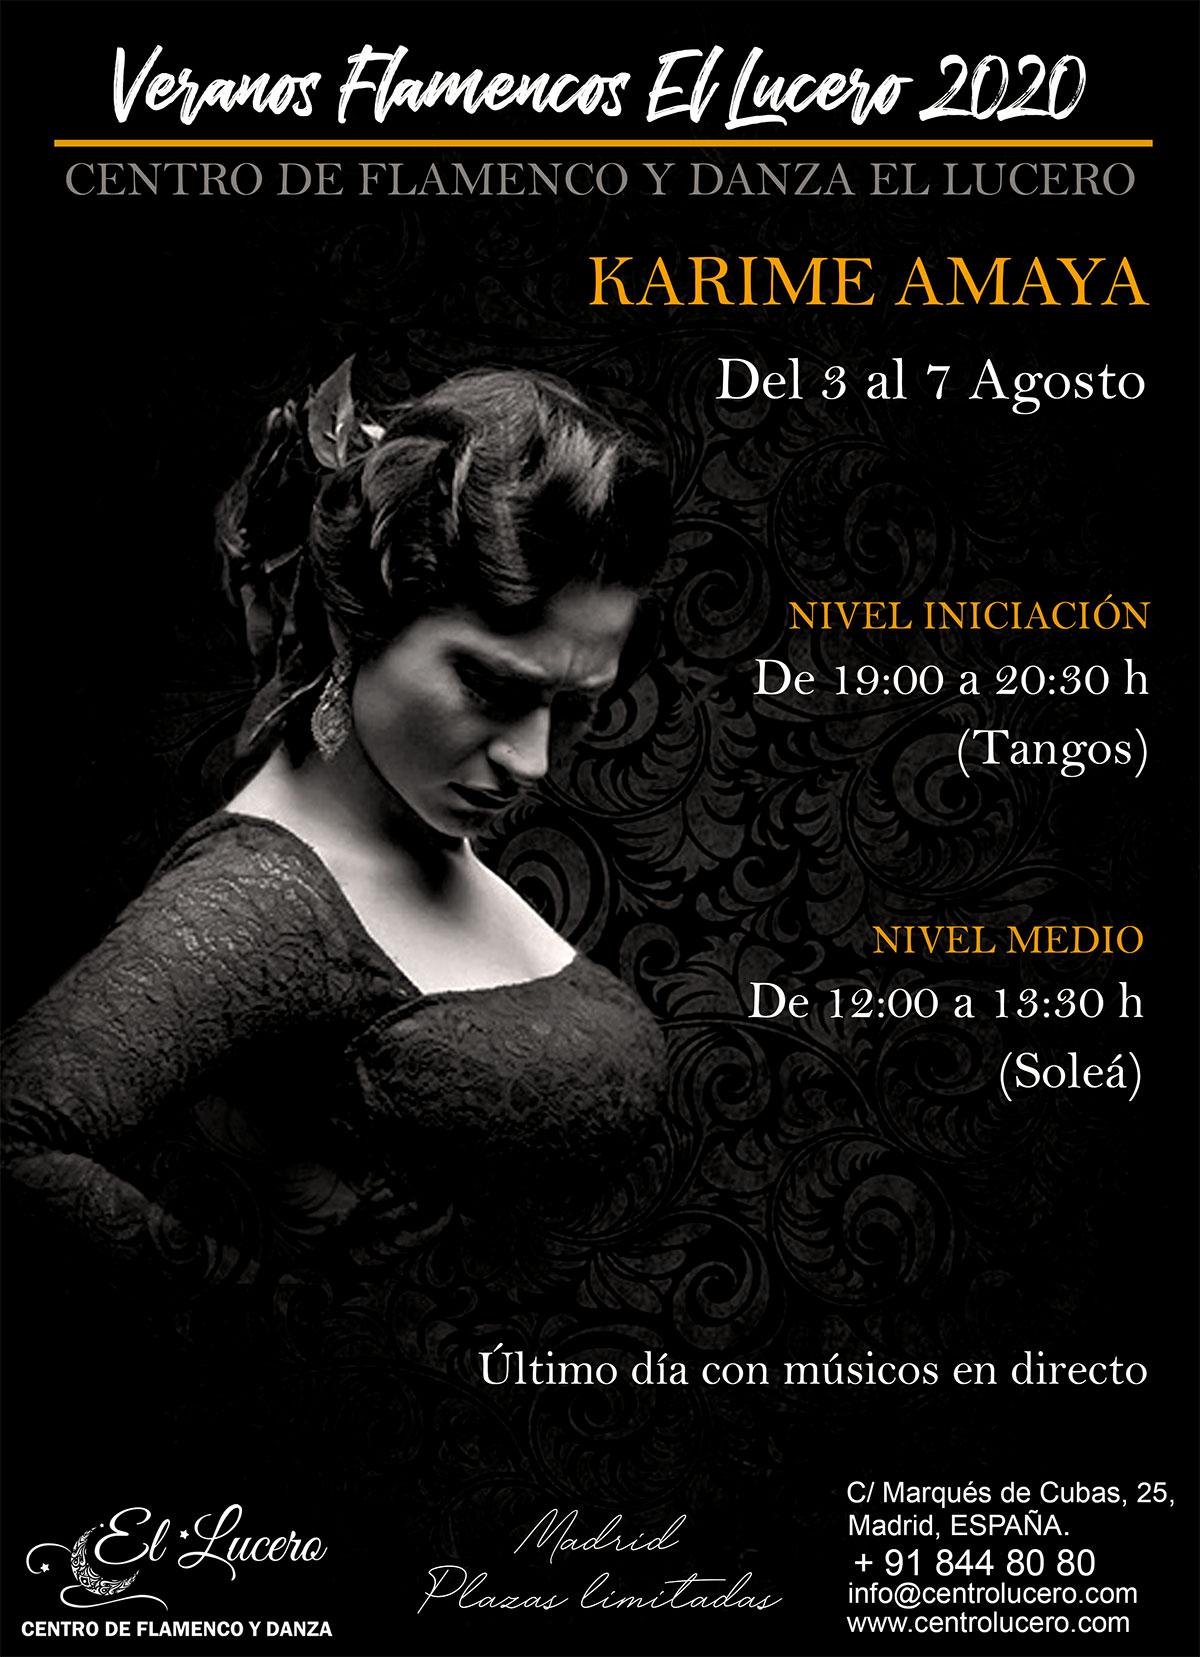 Veranos Flamencos EL LUCERO - Karime Amaya